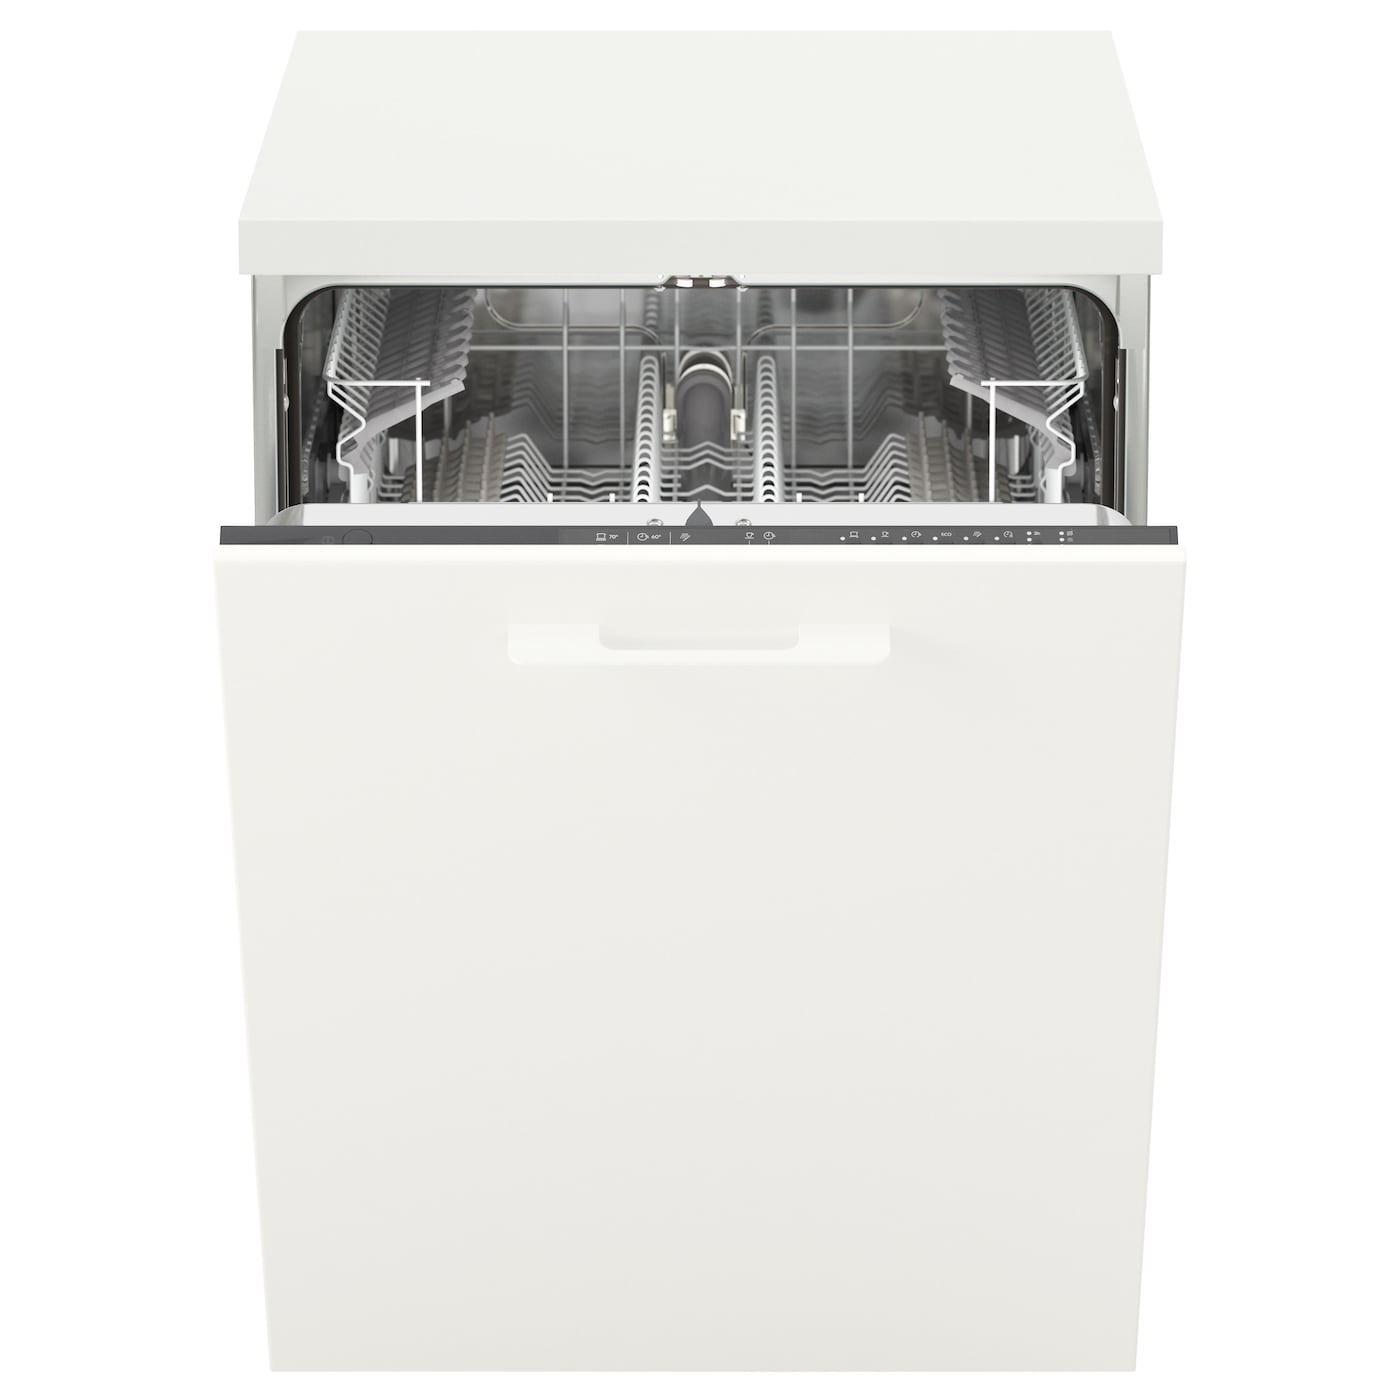 RENGÖRA | Küche und Esszimmer > Küchenelektrogeräte > Spülmaschinen | IKEA